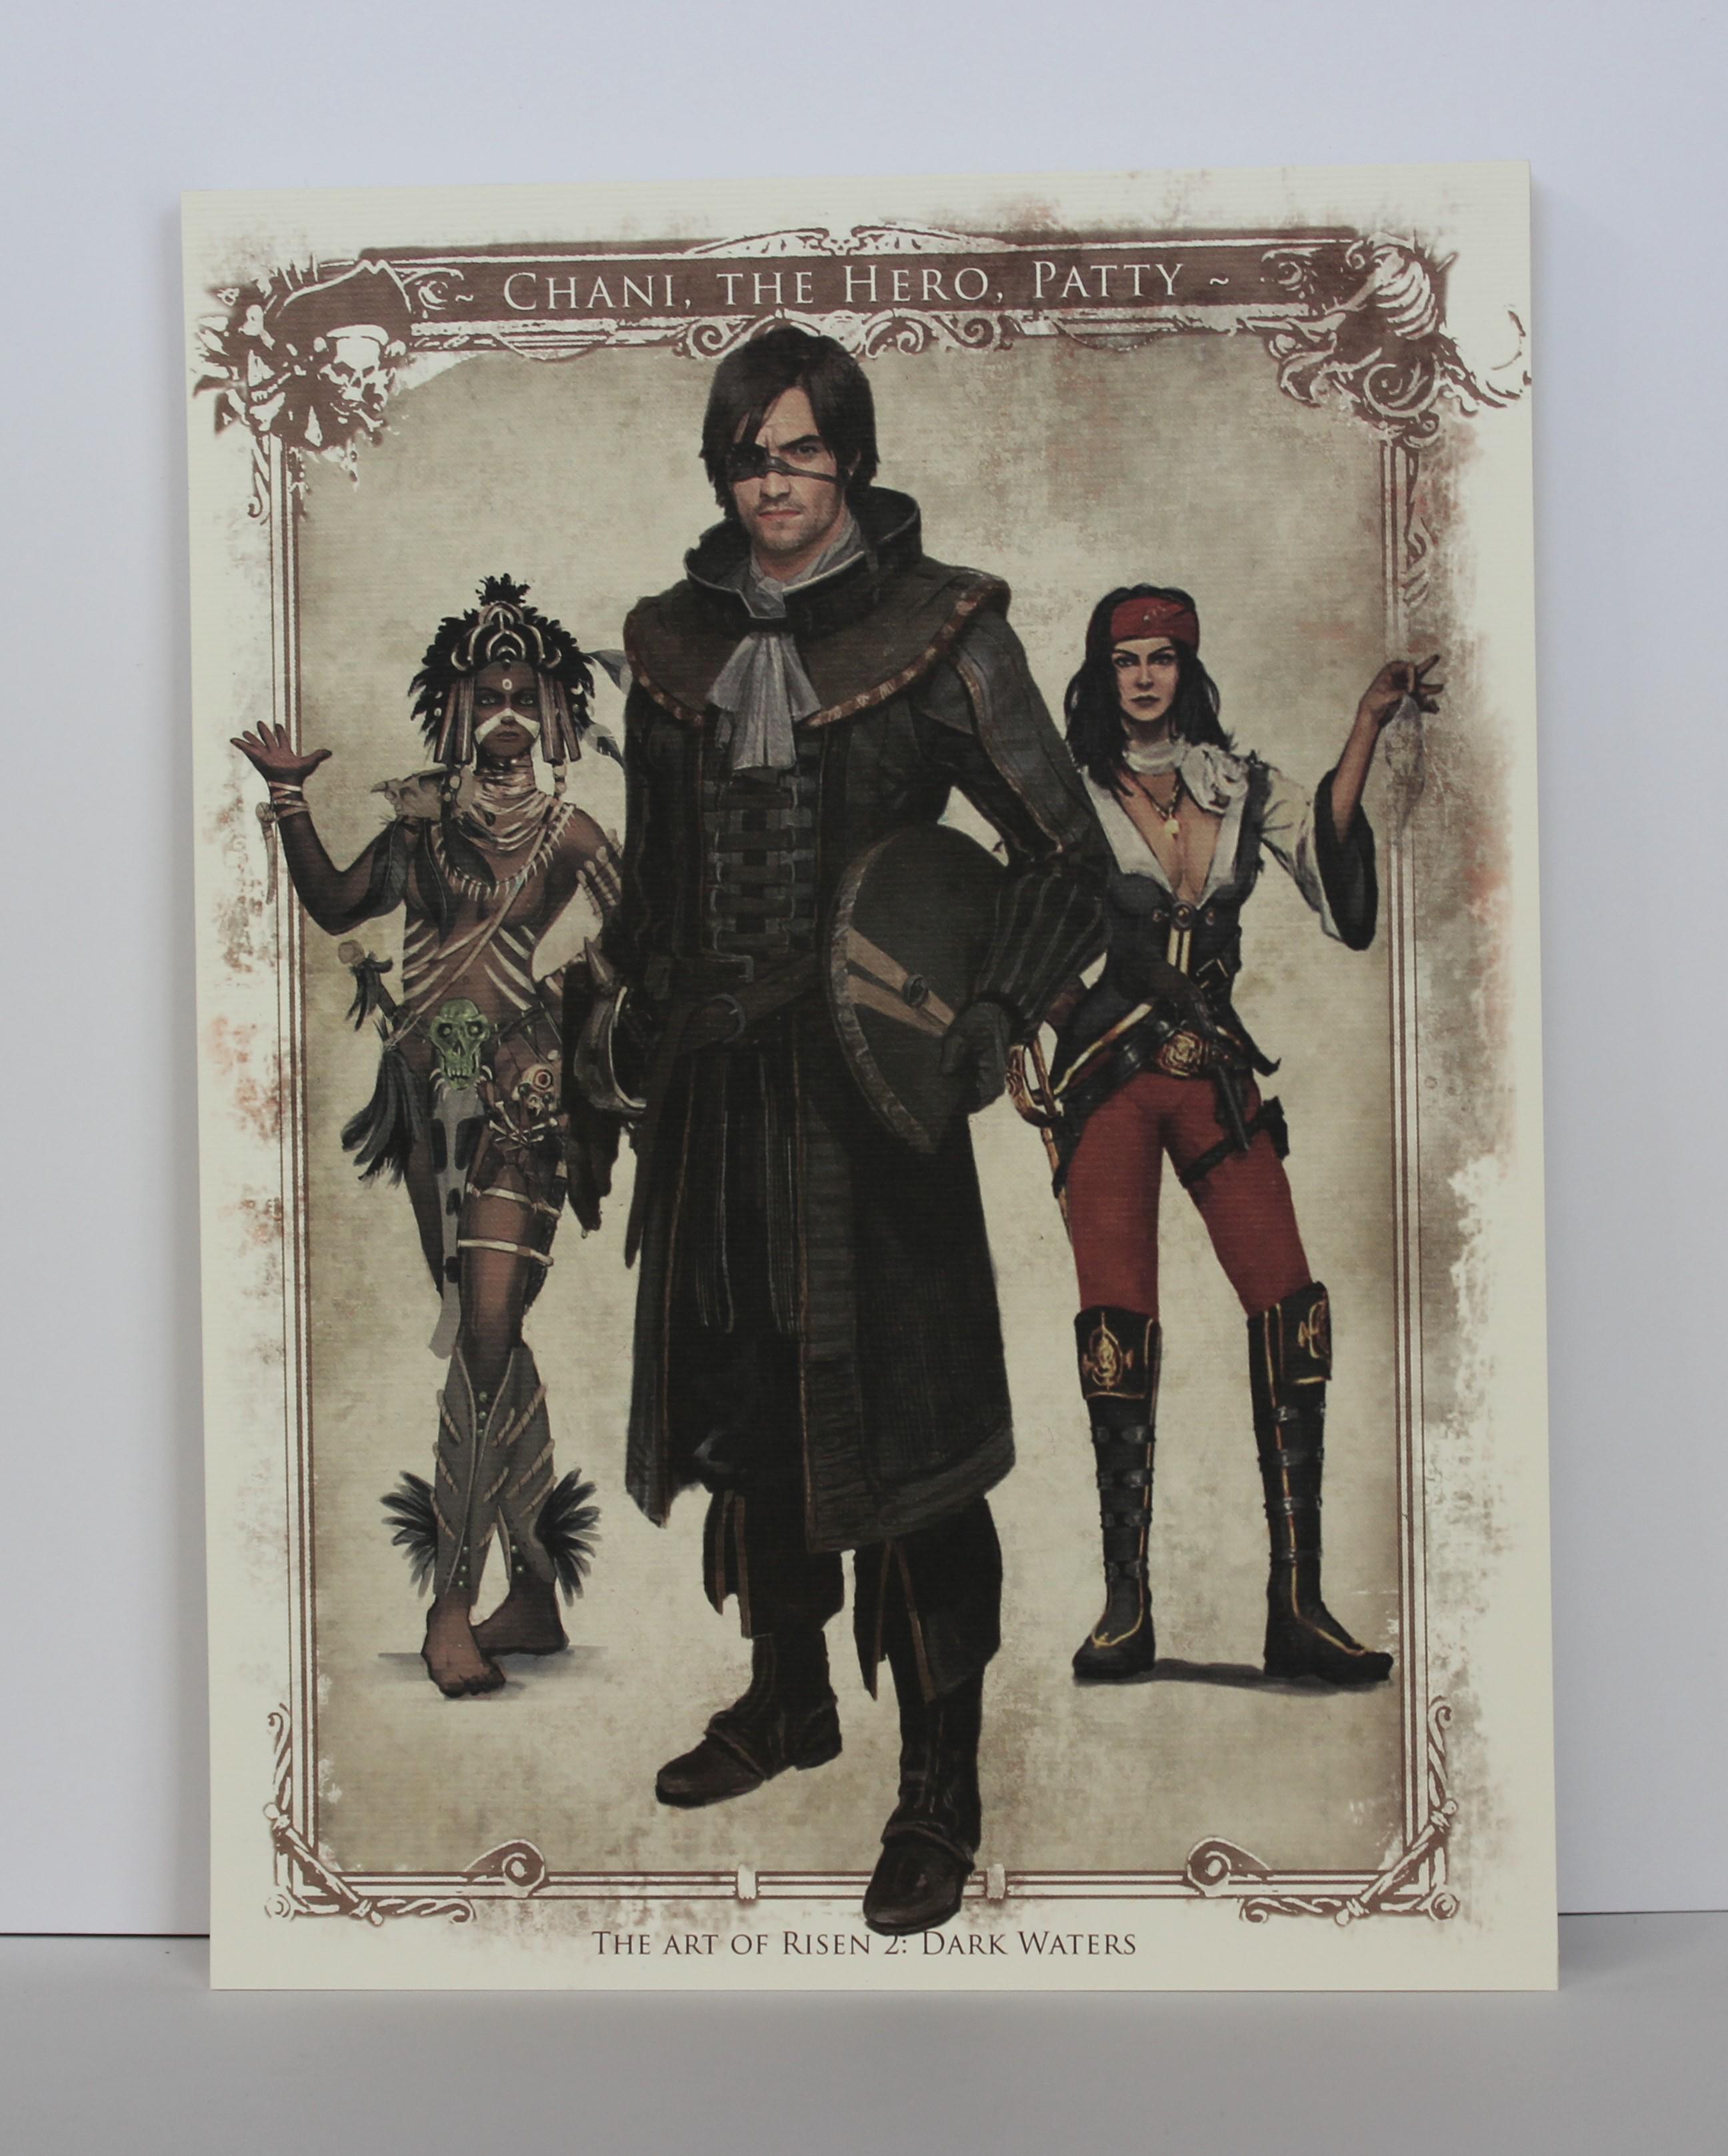 A hős, mert nincs RPG A HŐS nélkül.